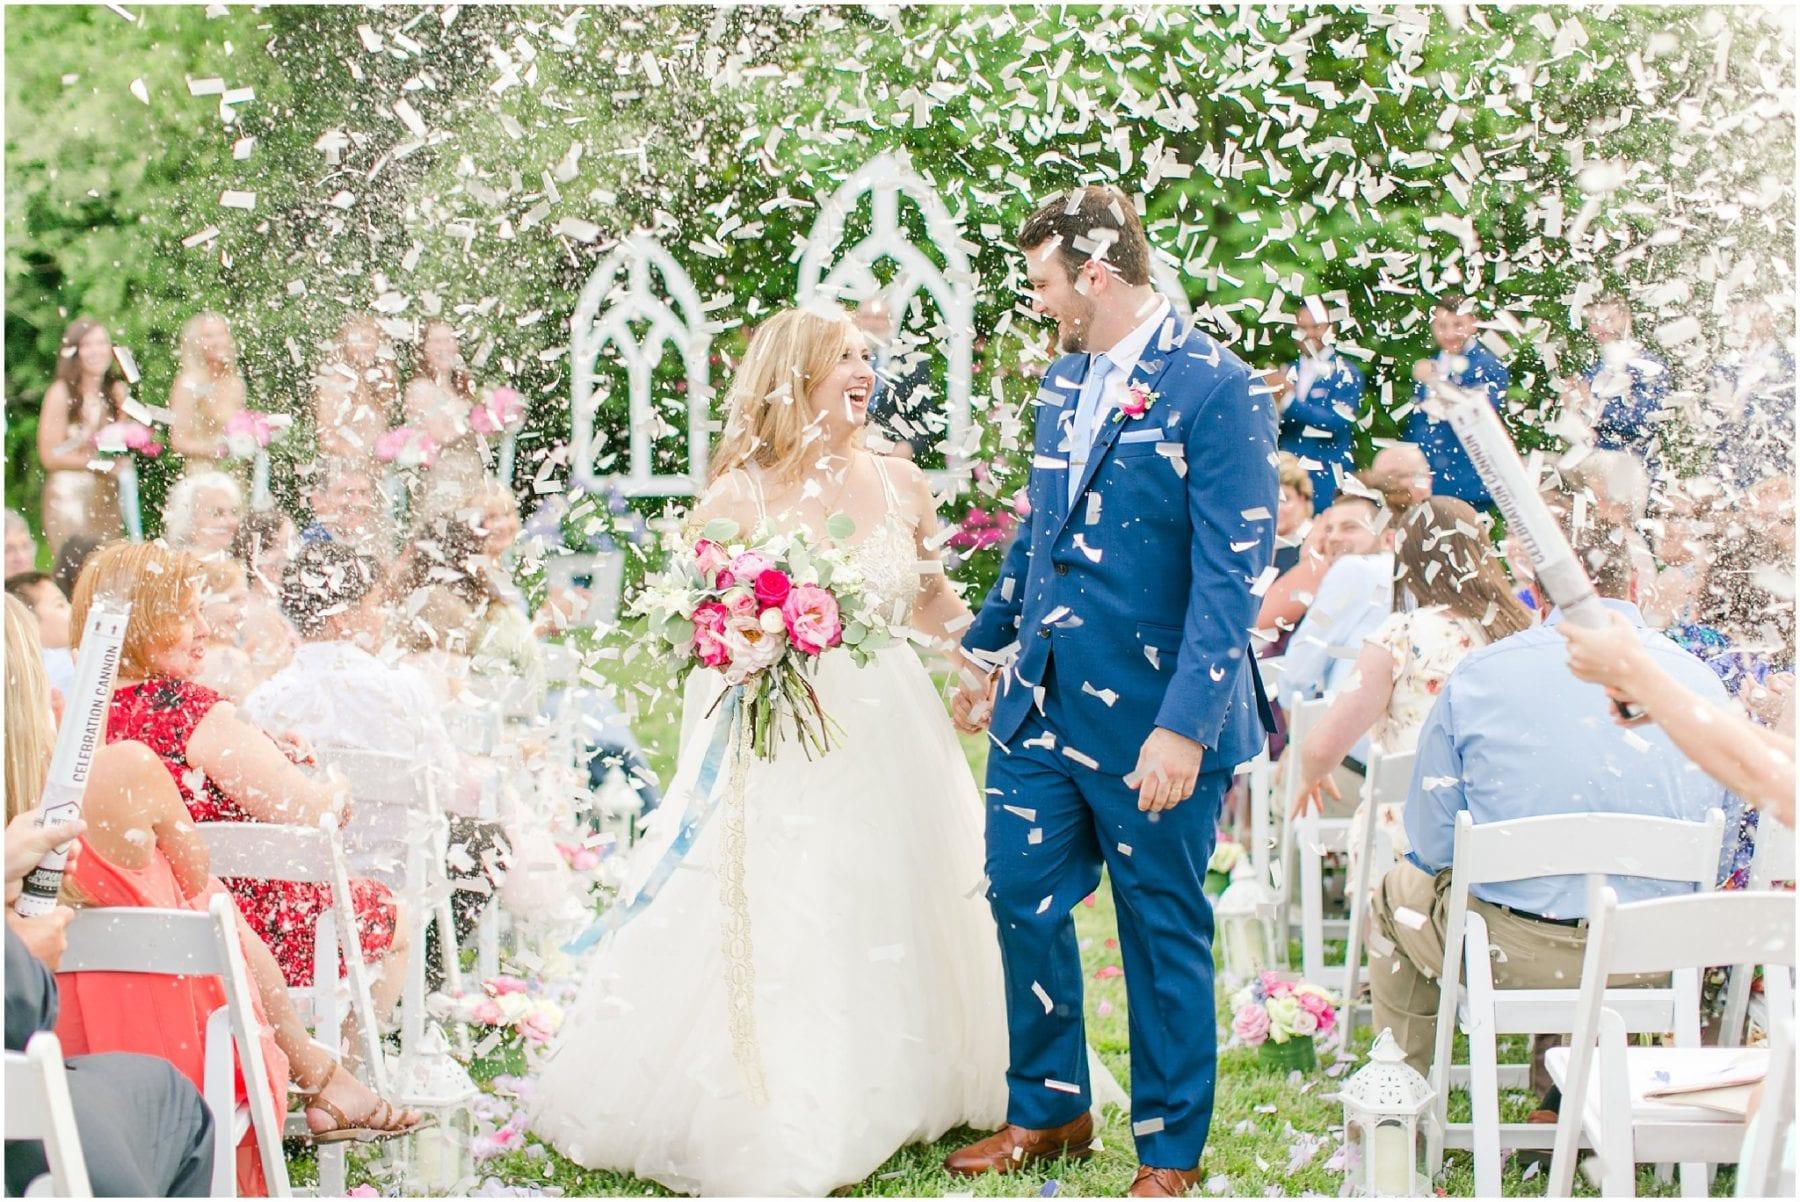 Maryland Backyard Wedding Photos Kelly & Zach Megan Kelsey Photography-237.jpg